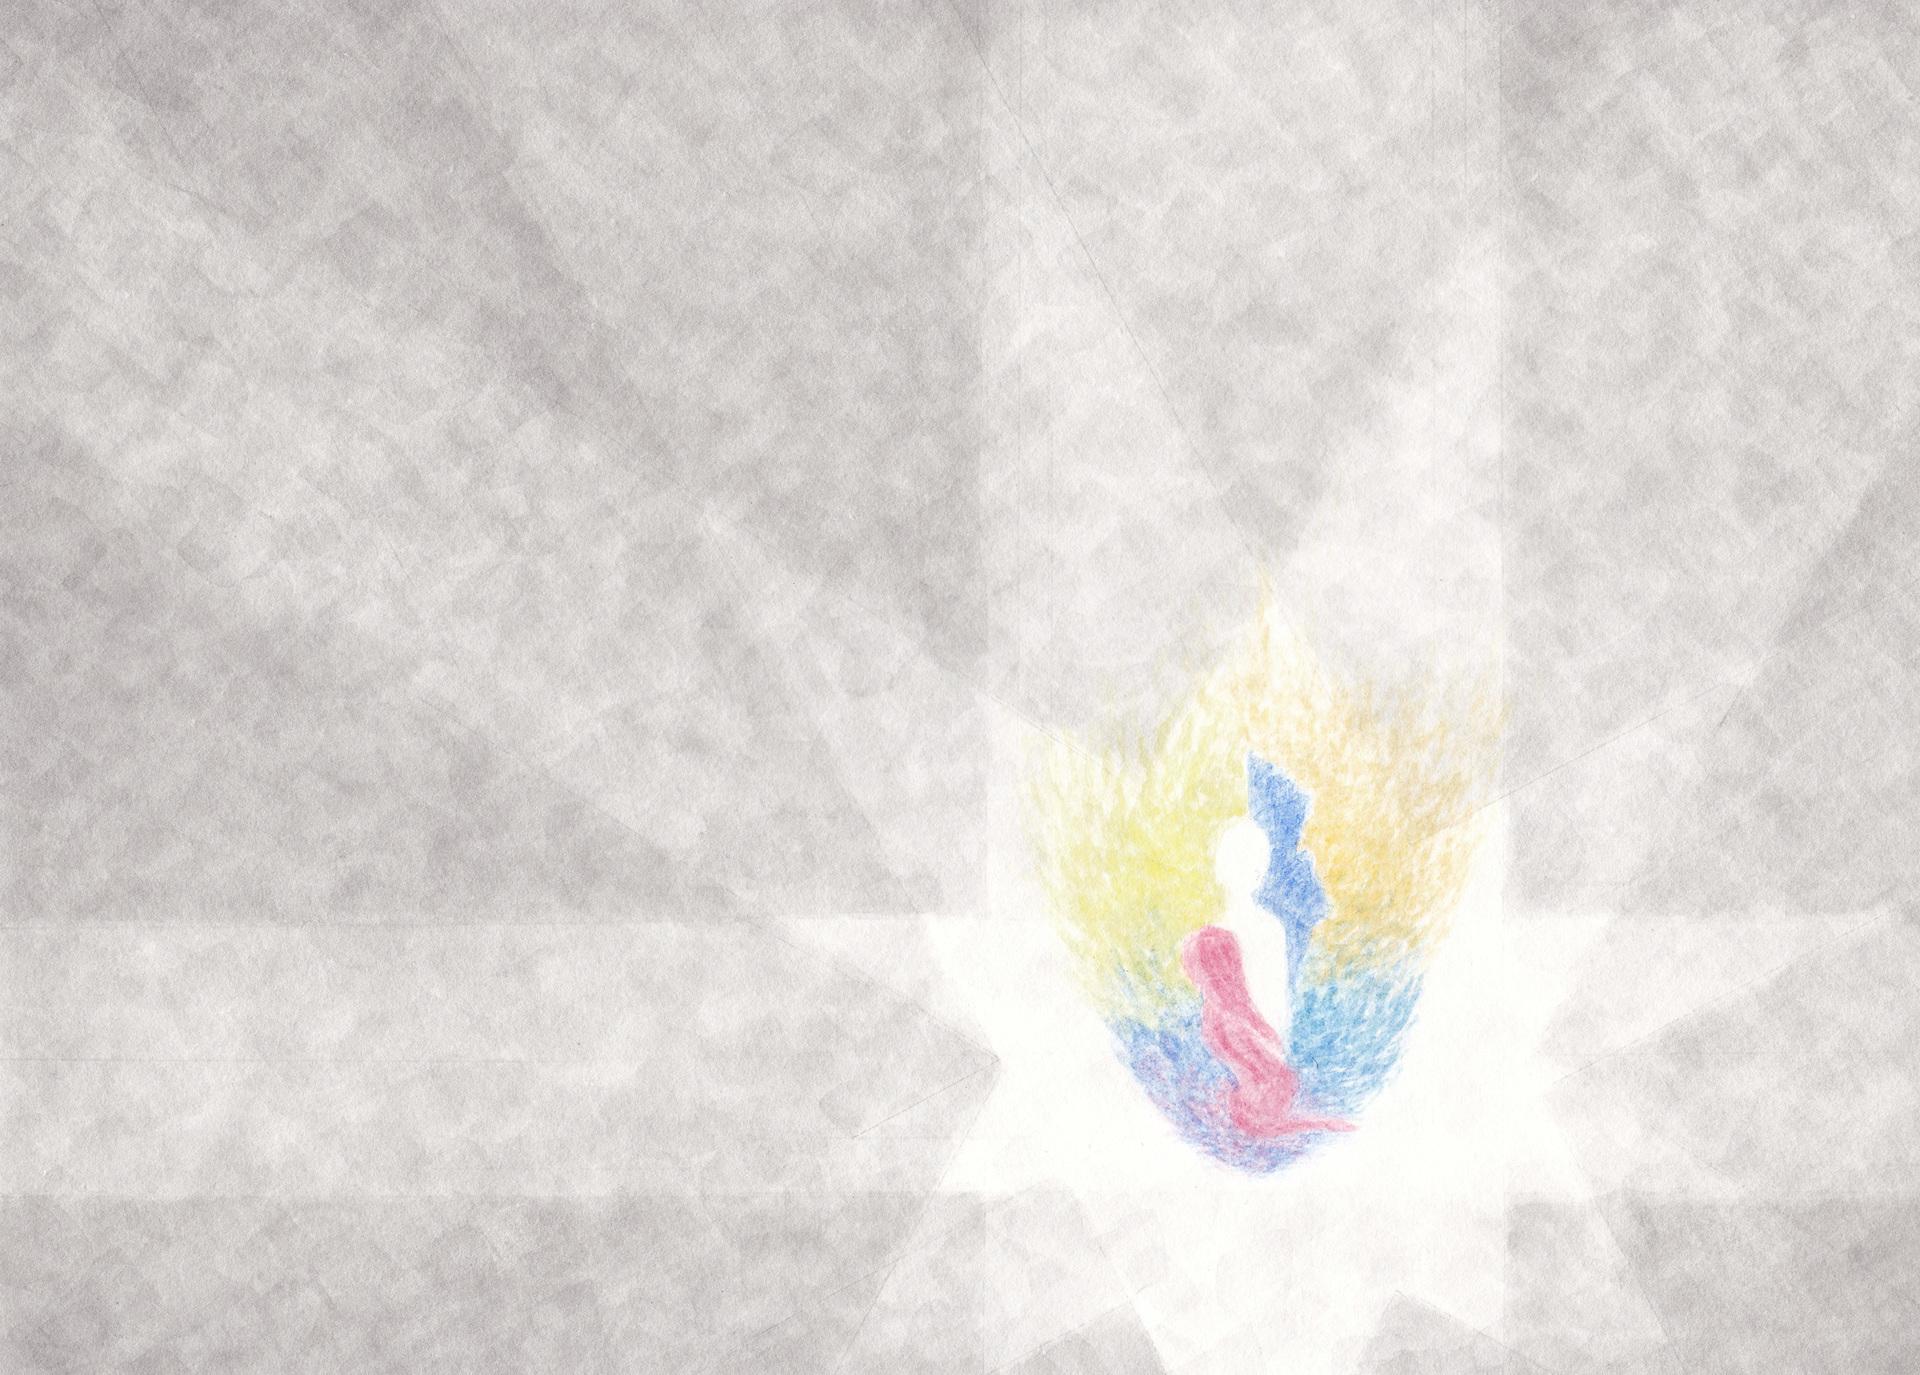 otometoturugi(ポスター用RGB).jpg